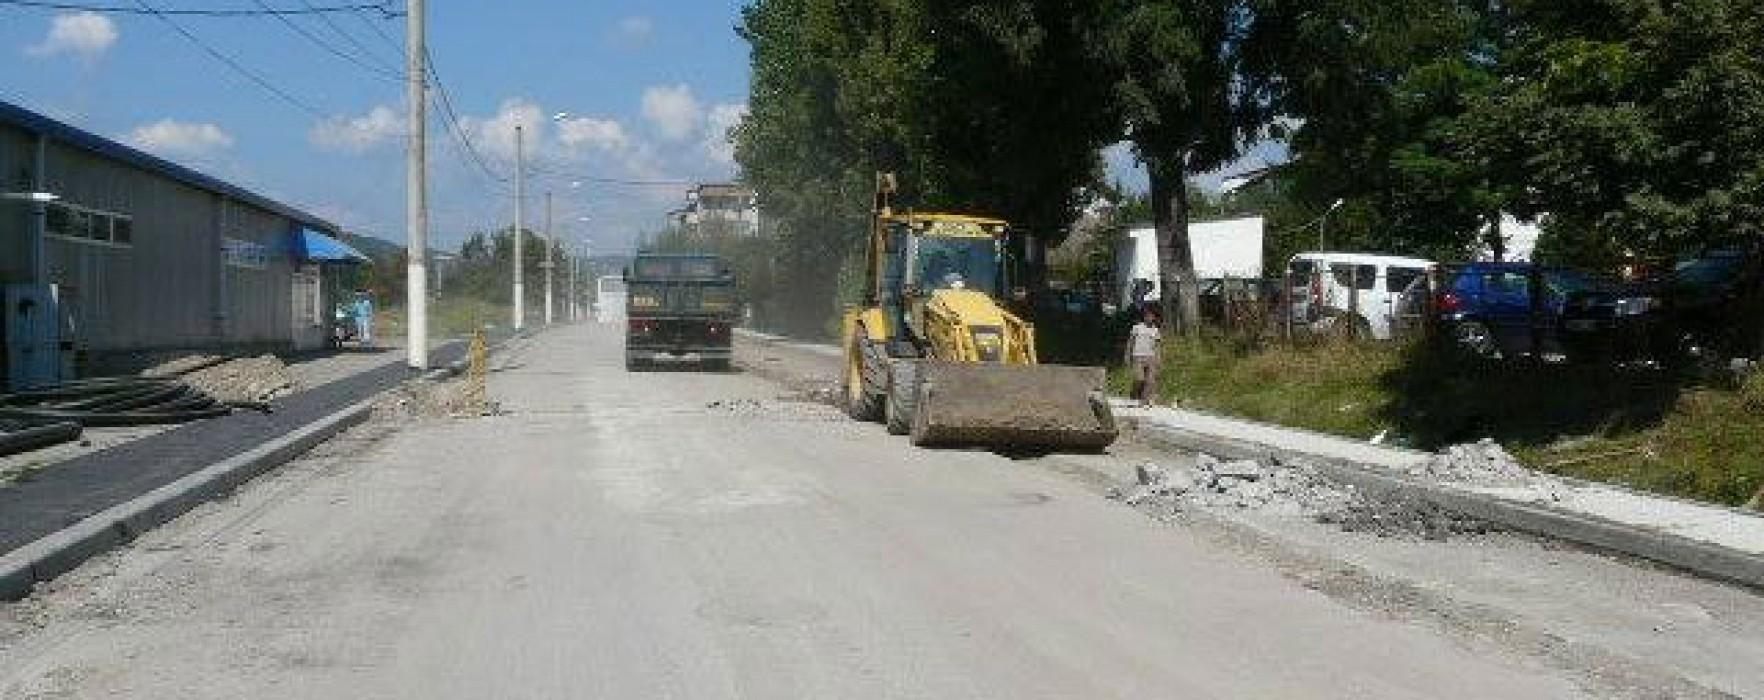 Dâmboviţa: Trei trasee de drumuri, incluse în strategia de atragere de fonduri 2014-2020